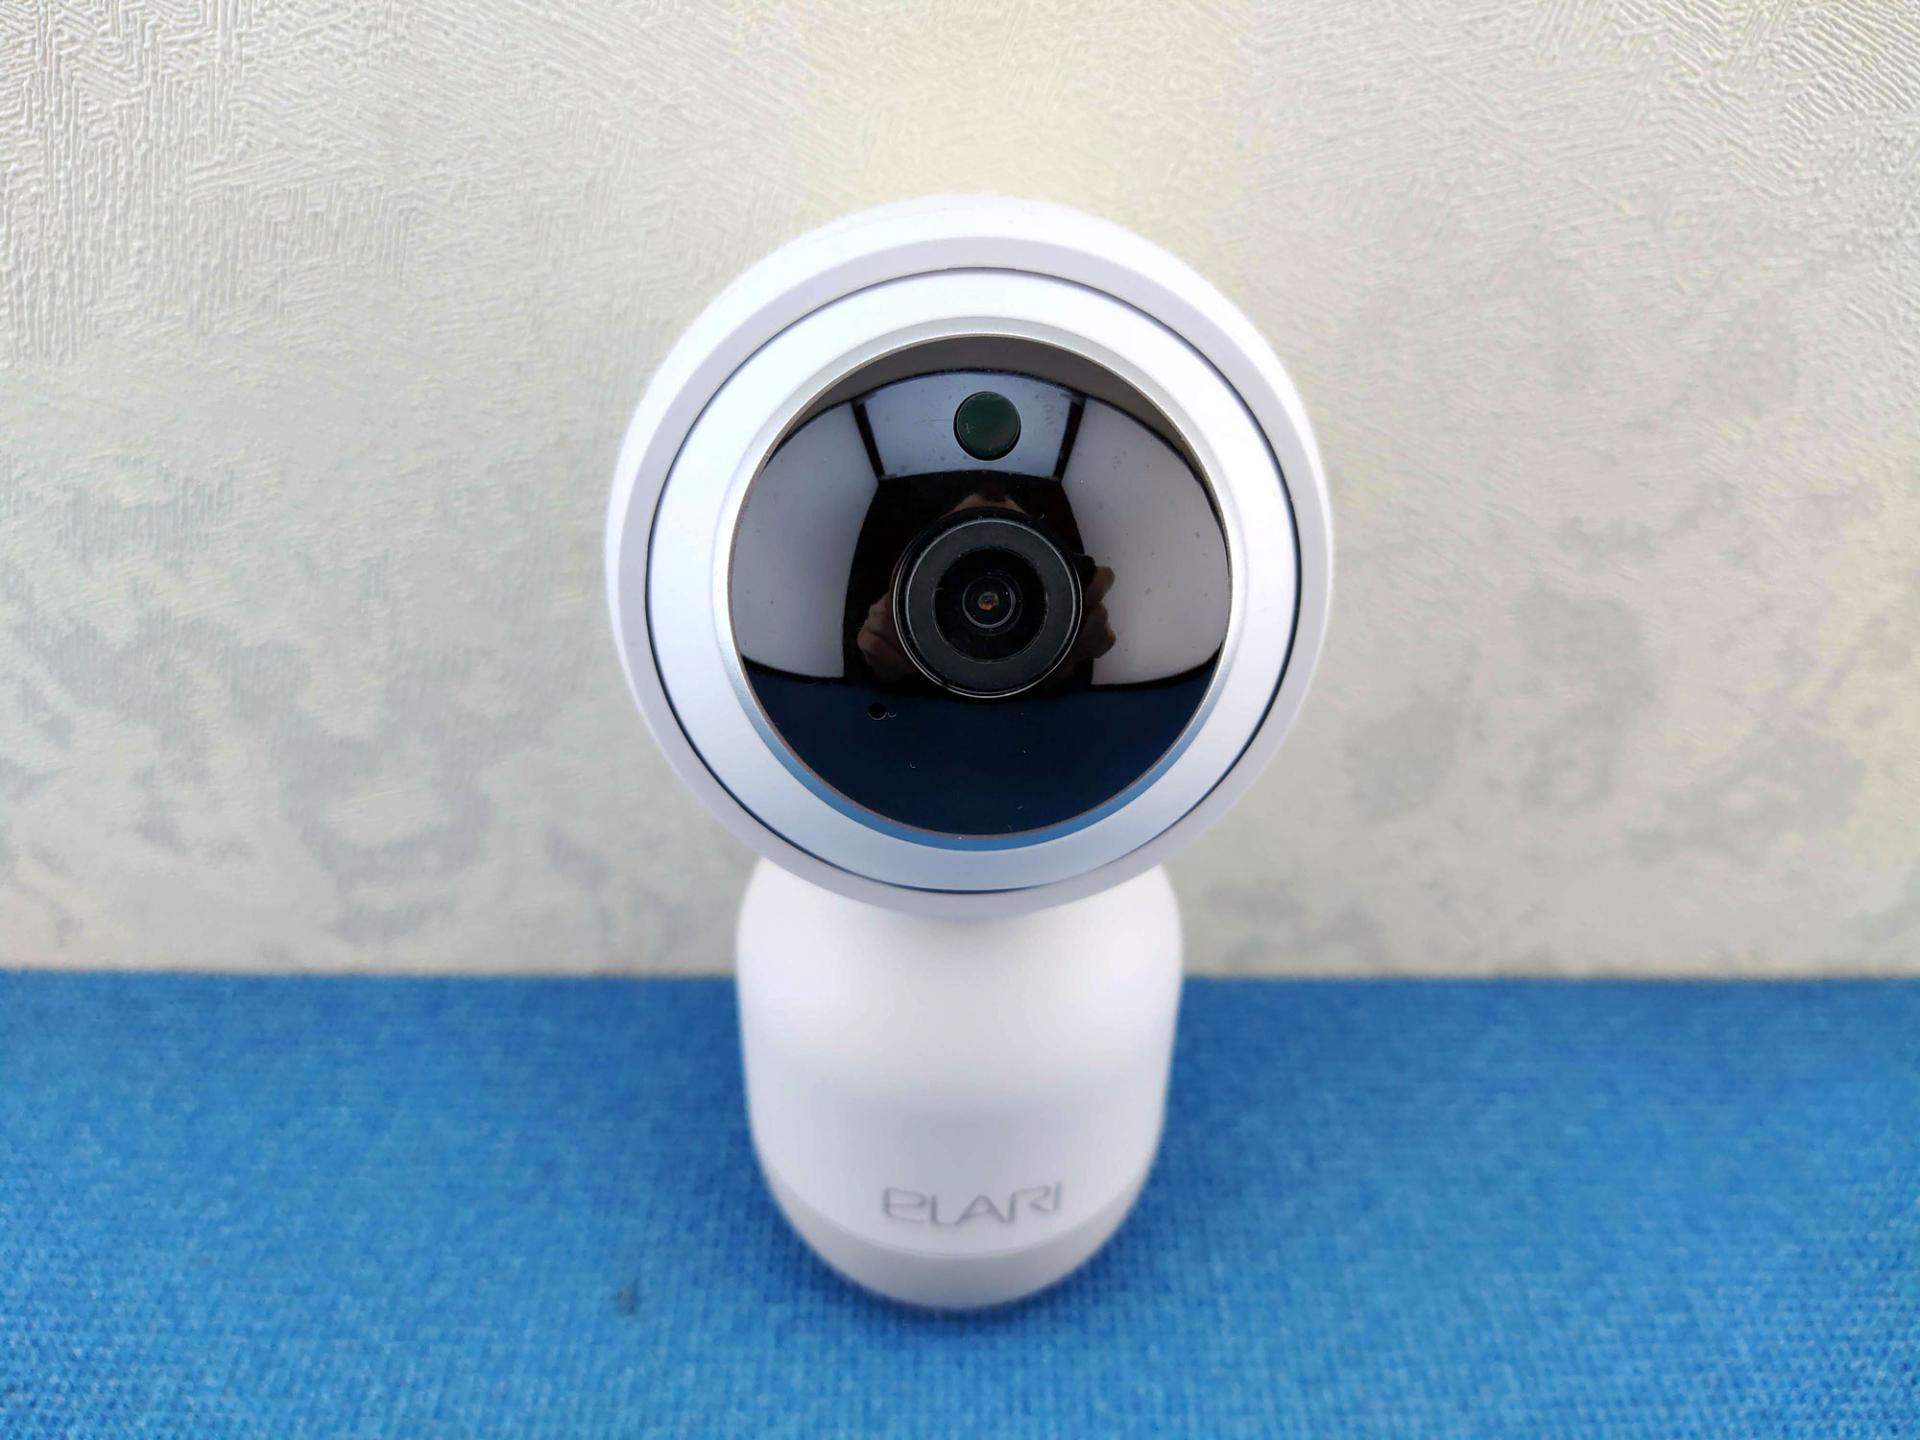 Тест-драйв сетевойкамеры ELARI Smart Camera 360°